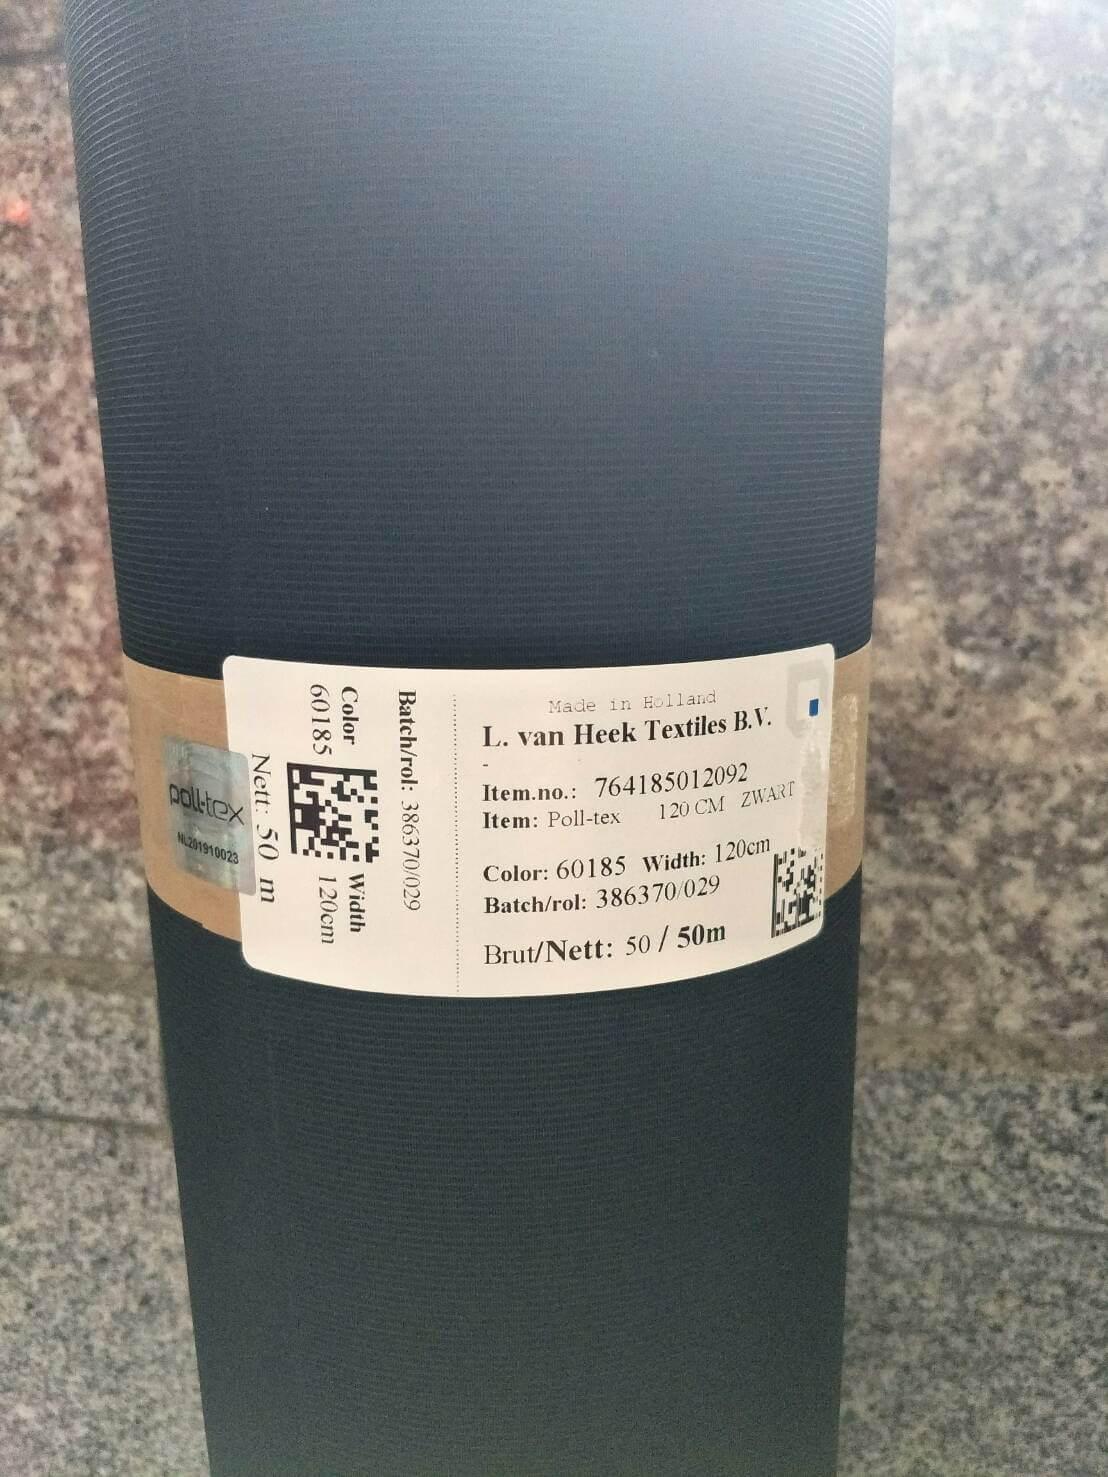 台灣普特絲為台灣唯一Poll-tex防霾紗窗總代理,購買前請確認防偽標章!